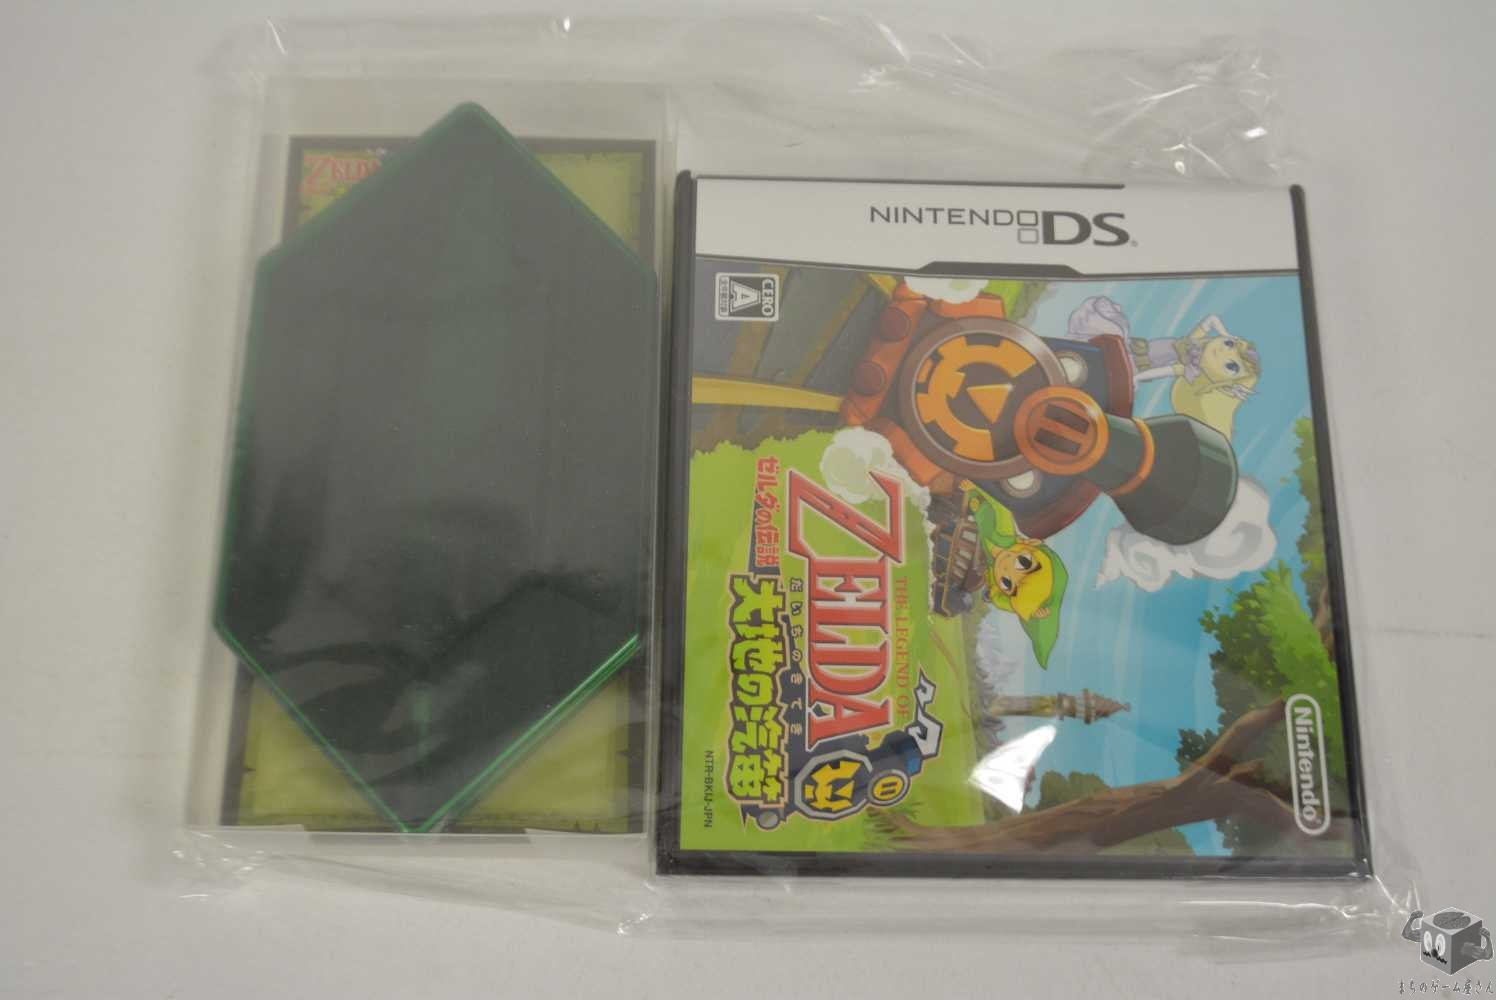 [DS] The Legend of Zelda Daichi no Kiteki (NEW) W/Original Touch Pen